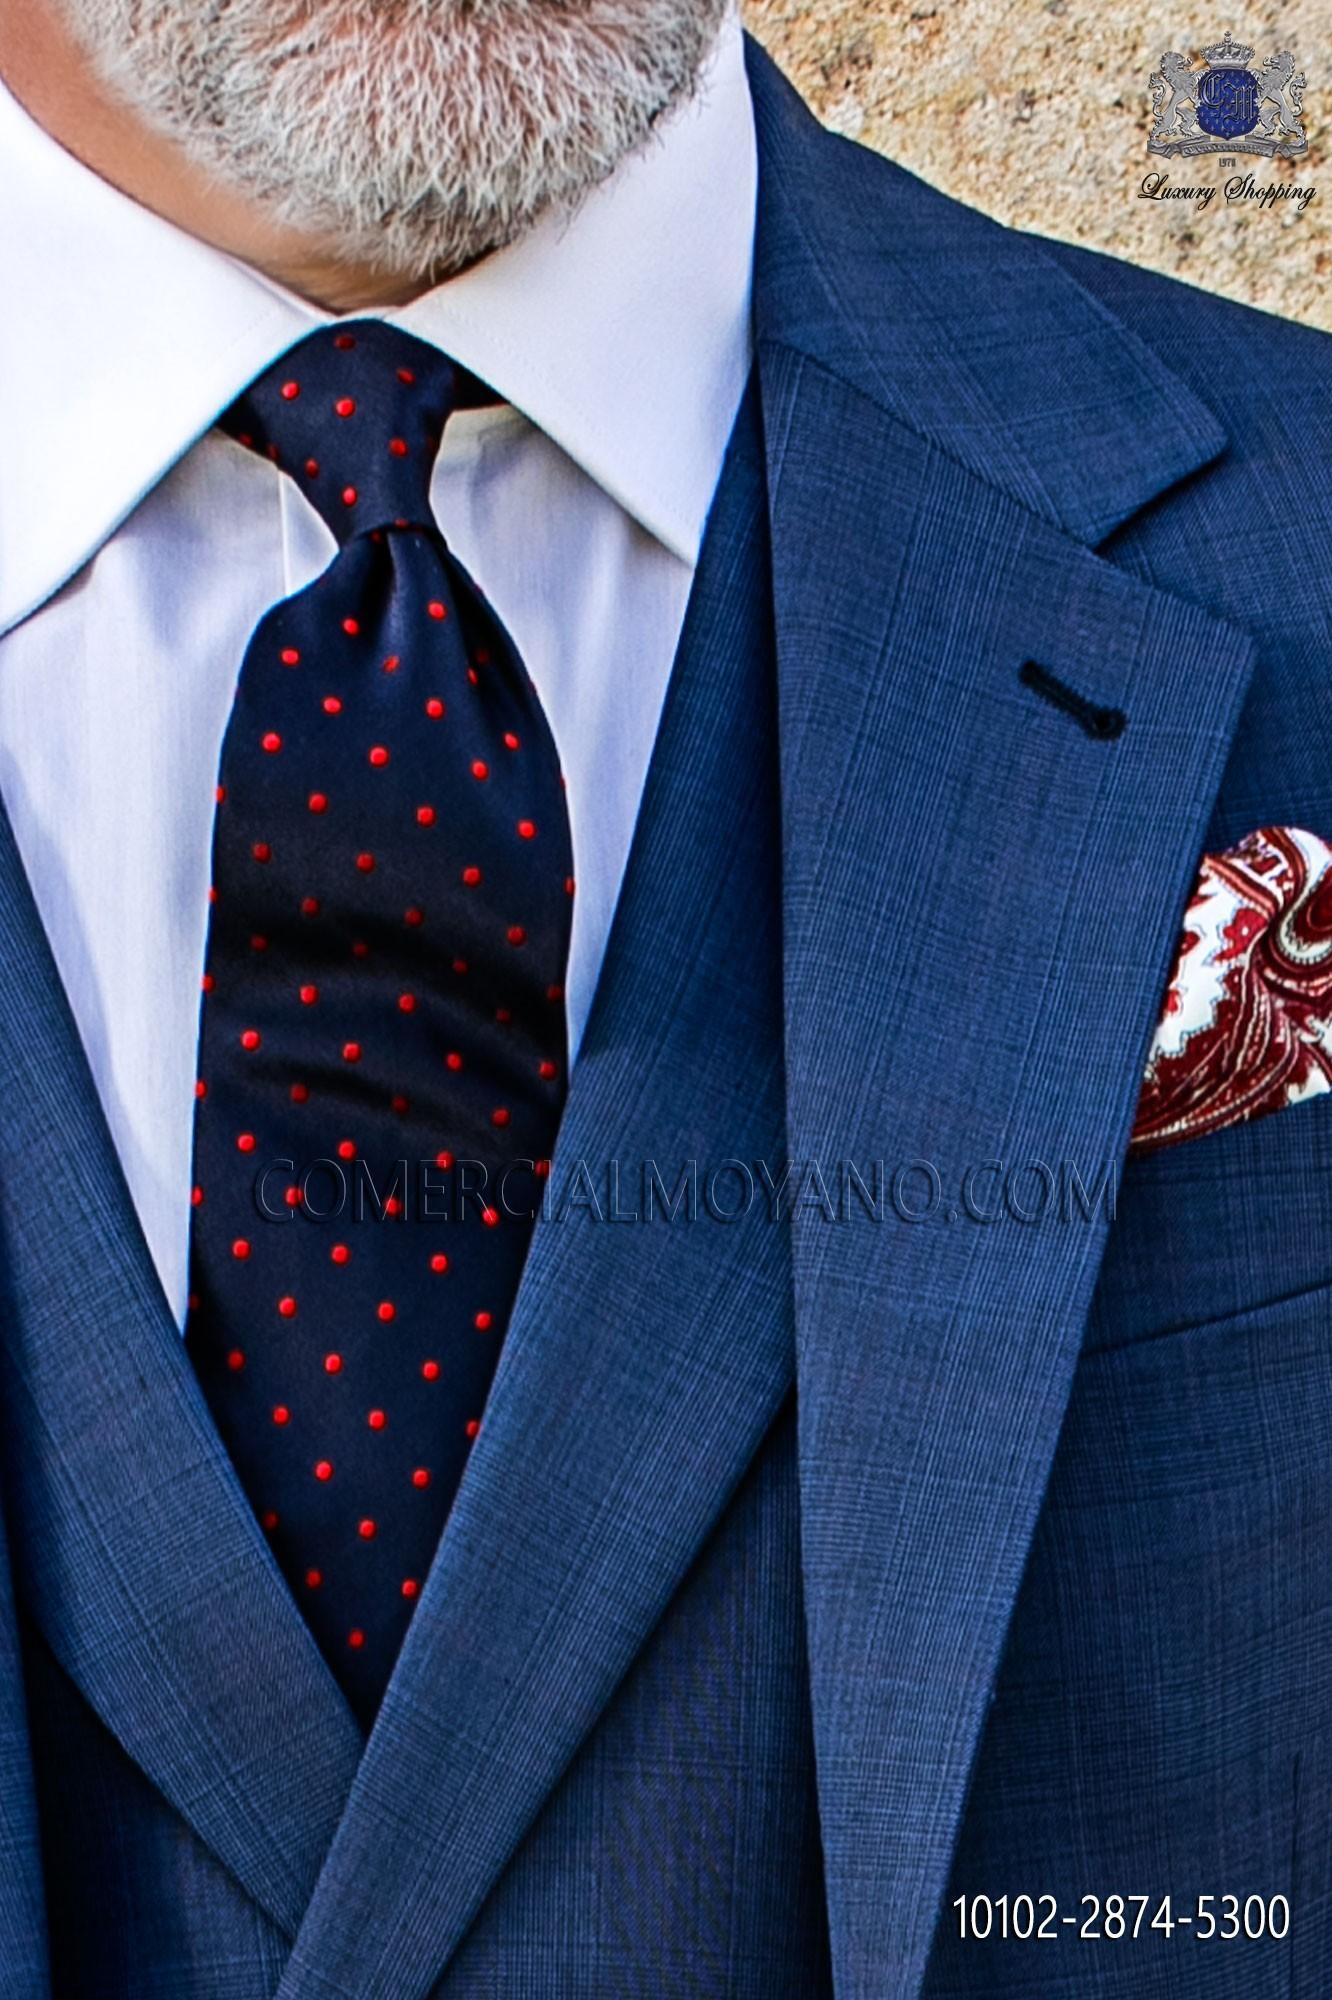 Precio 50% compra original envío gratis Corbata azul marina con topos rojos